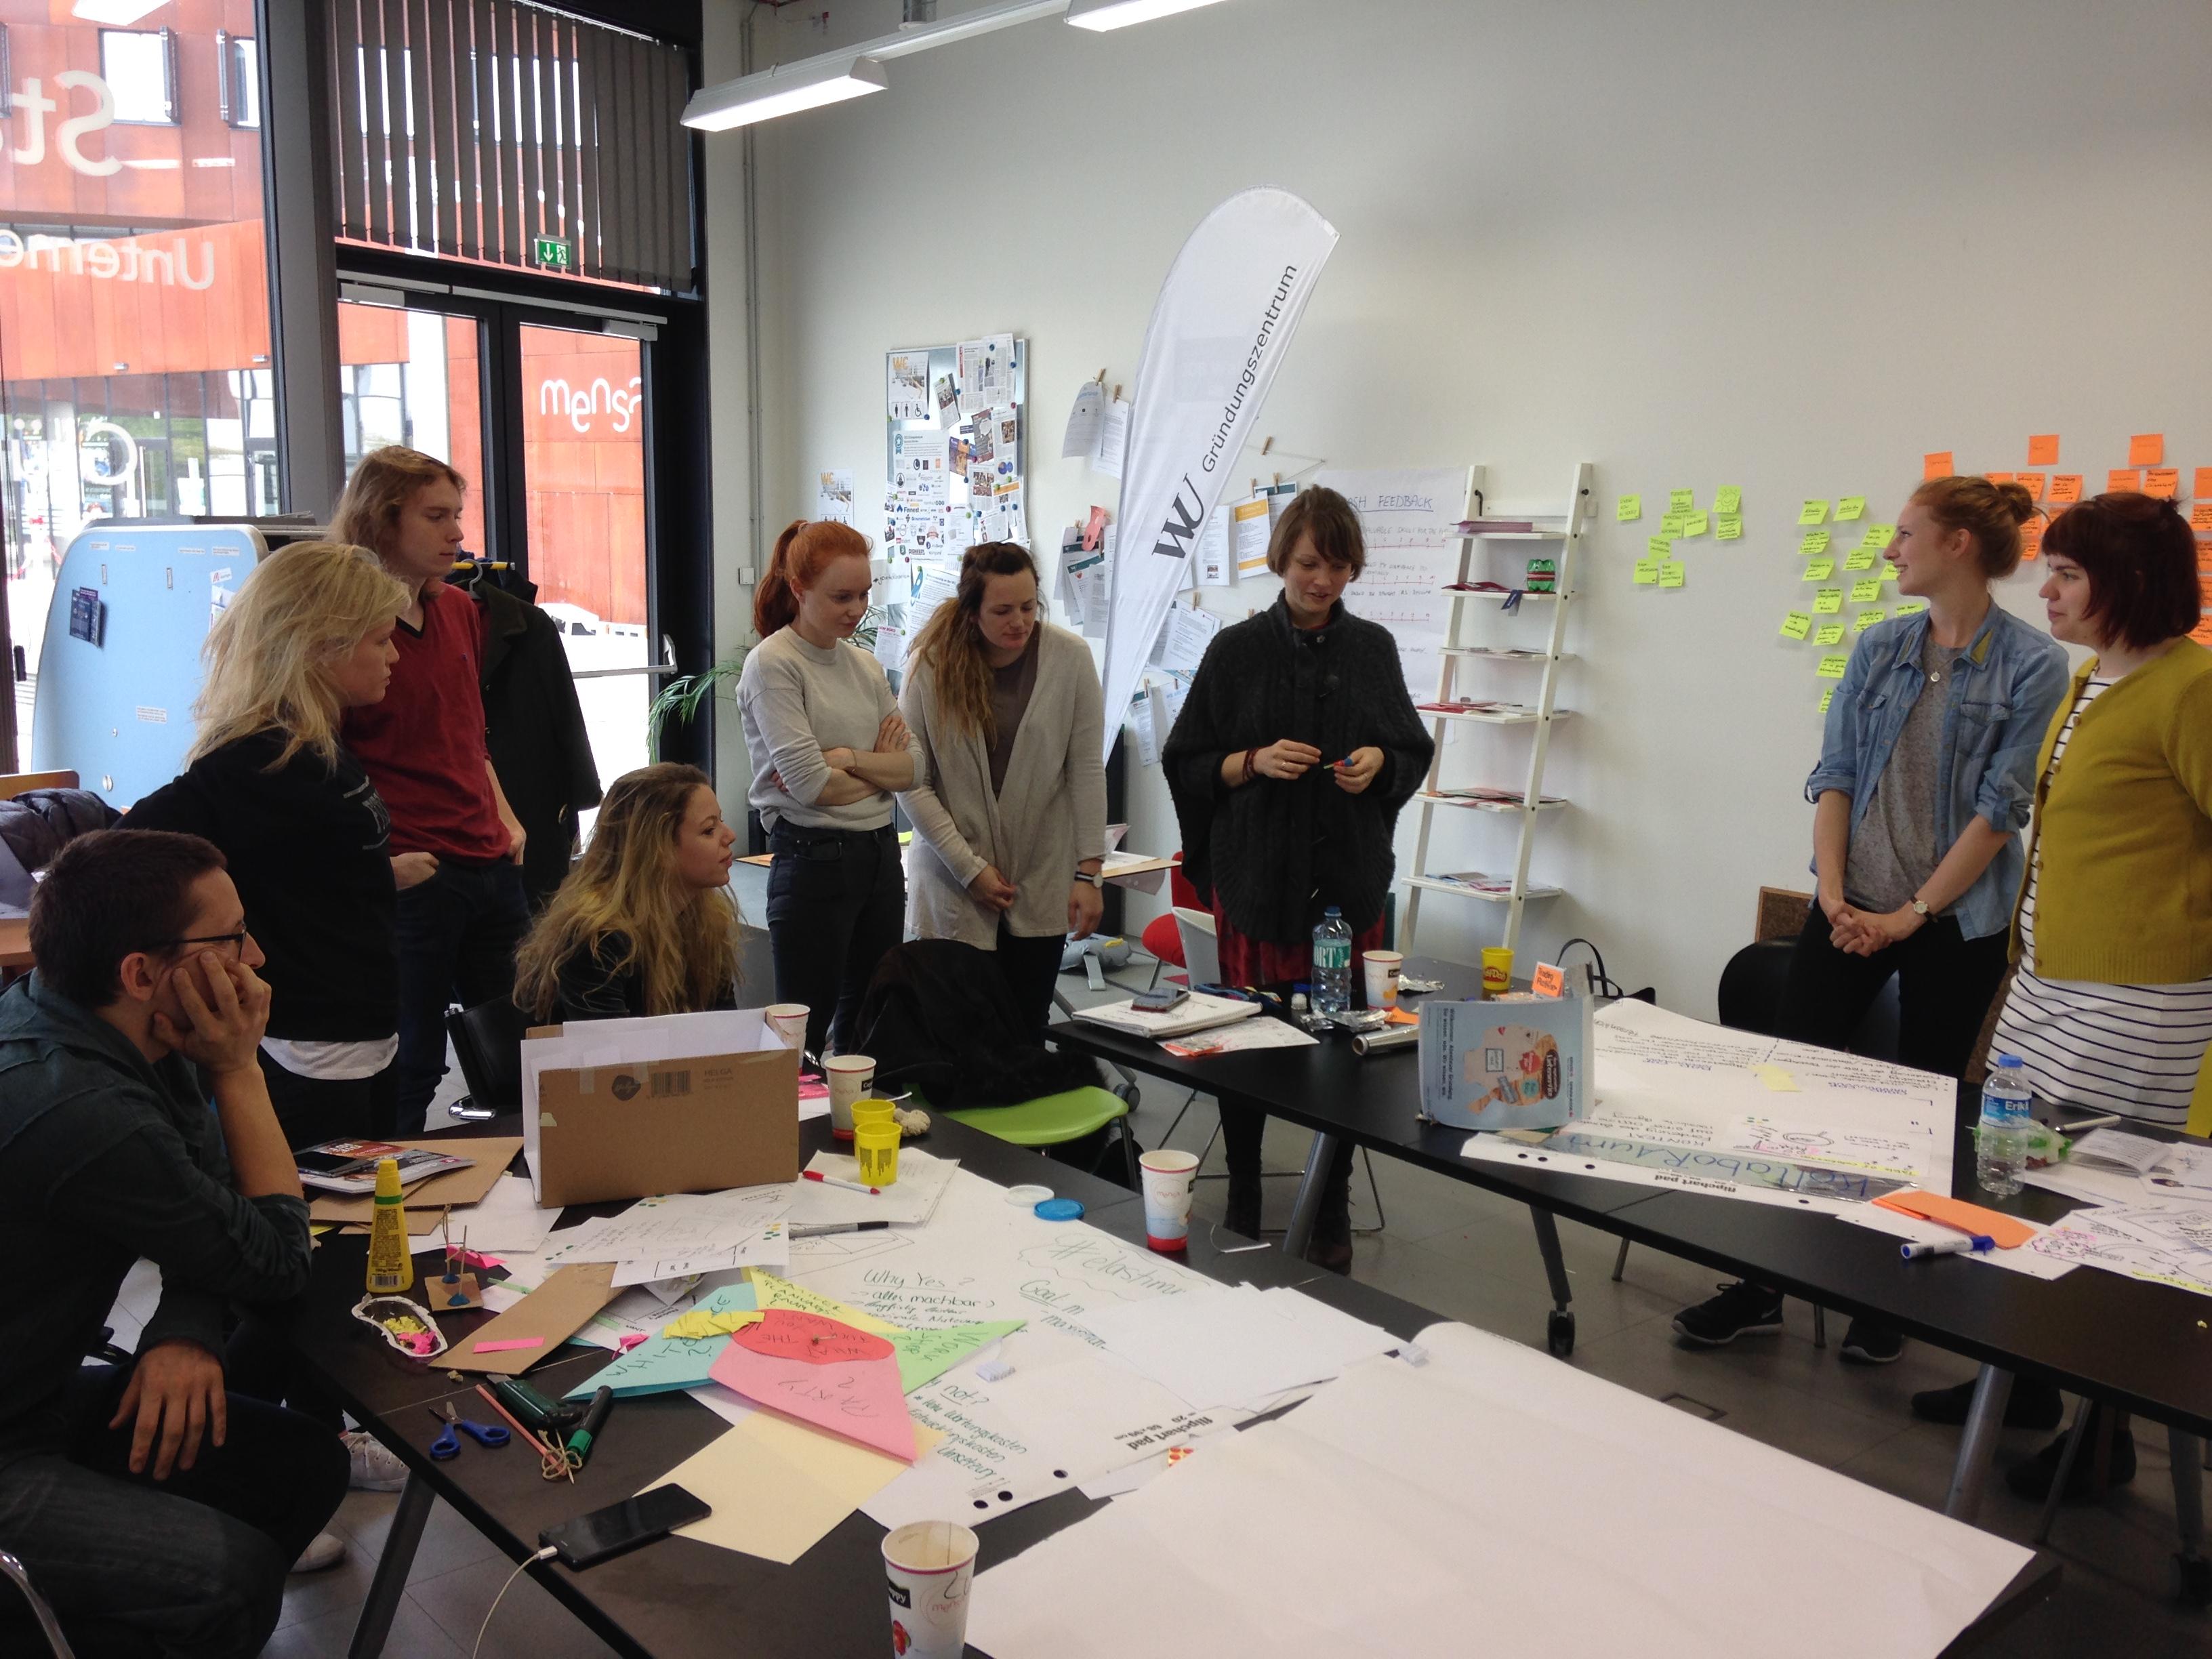 Erstellung der Prototypen